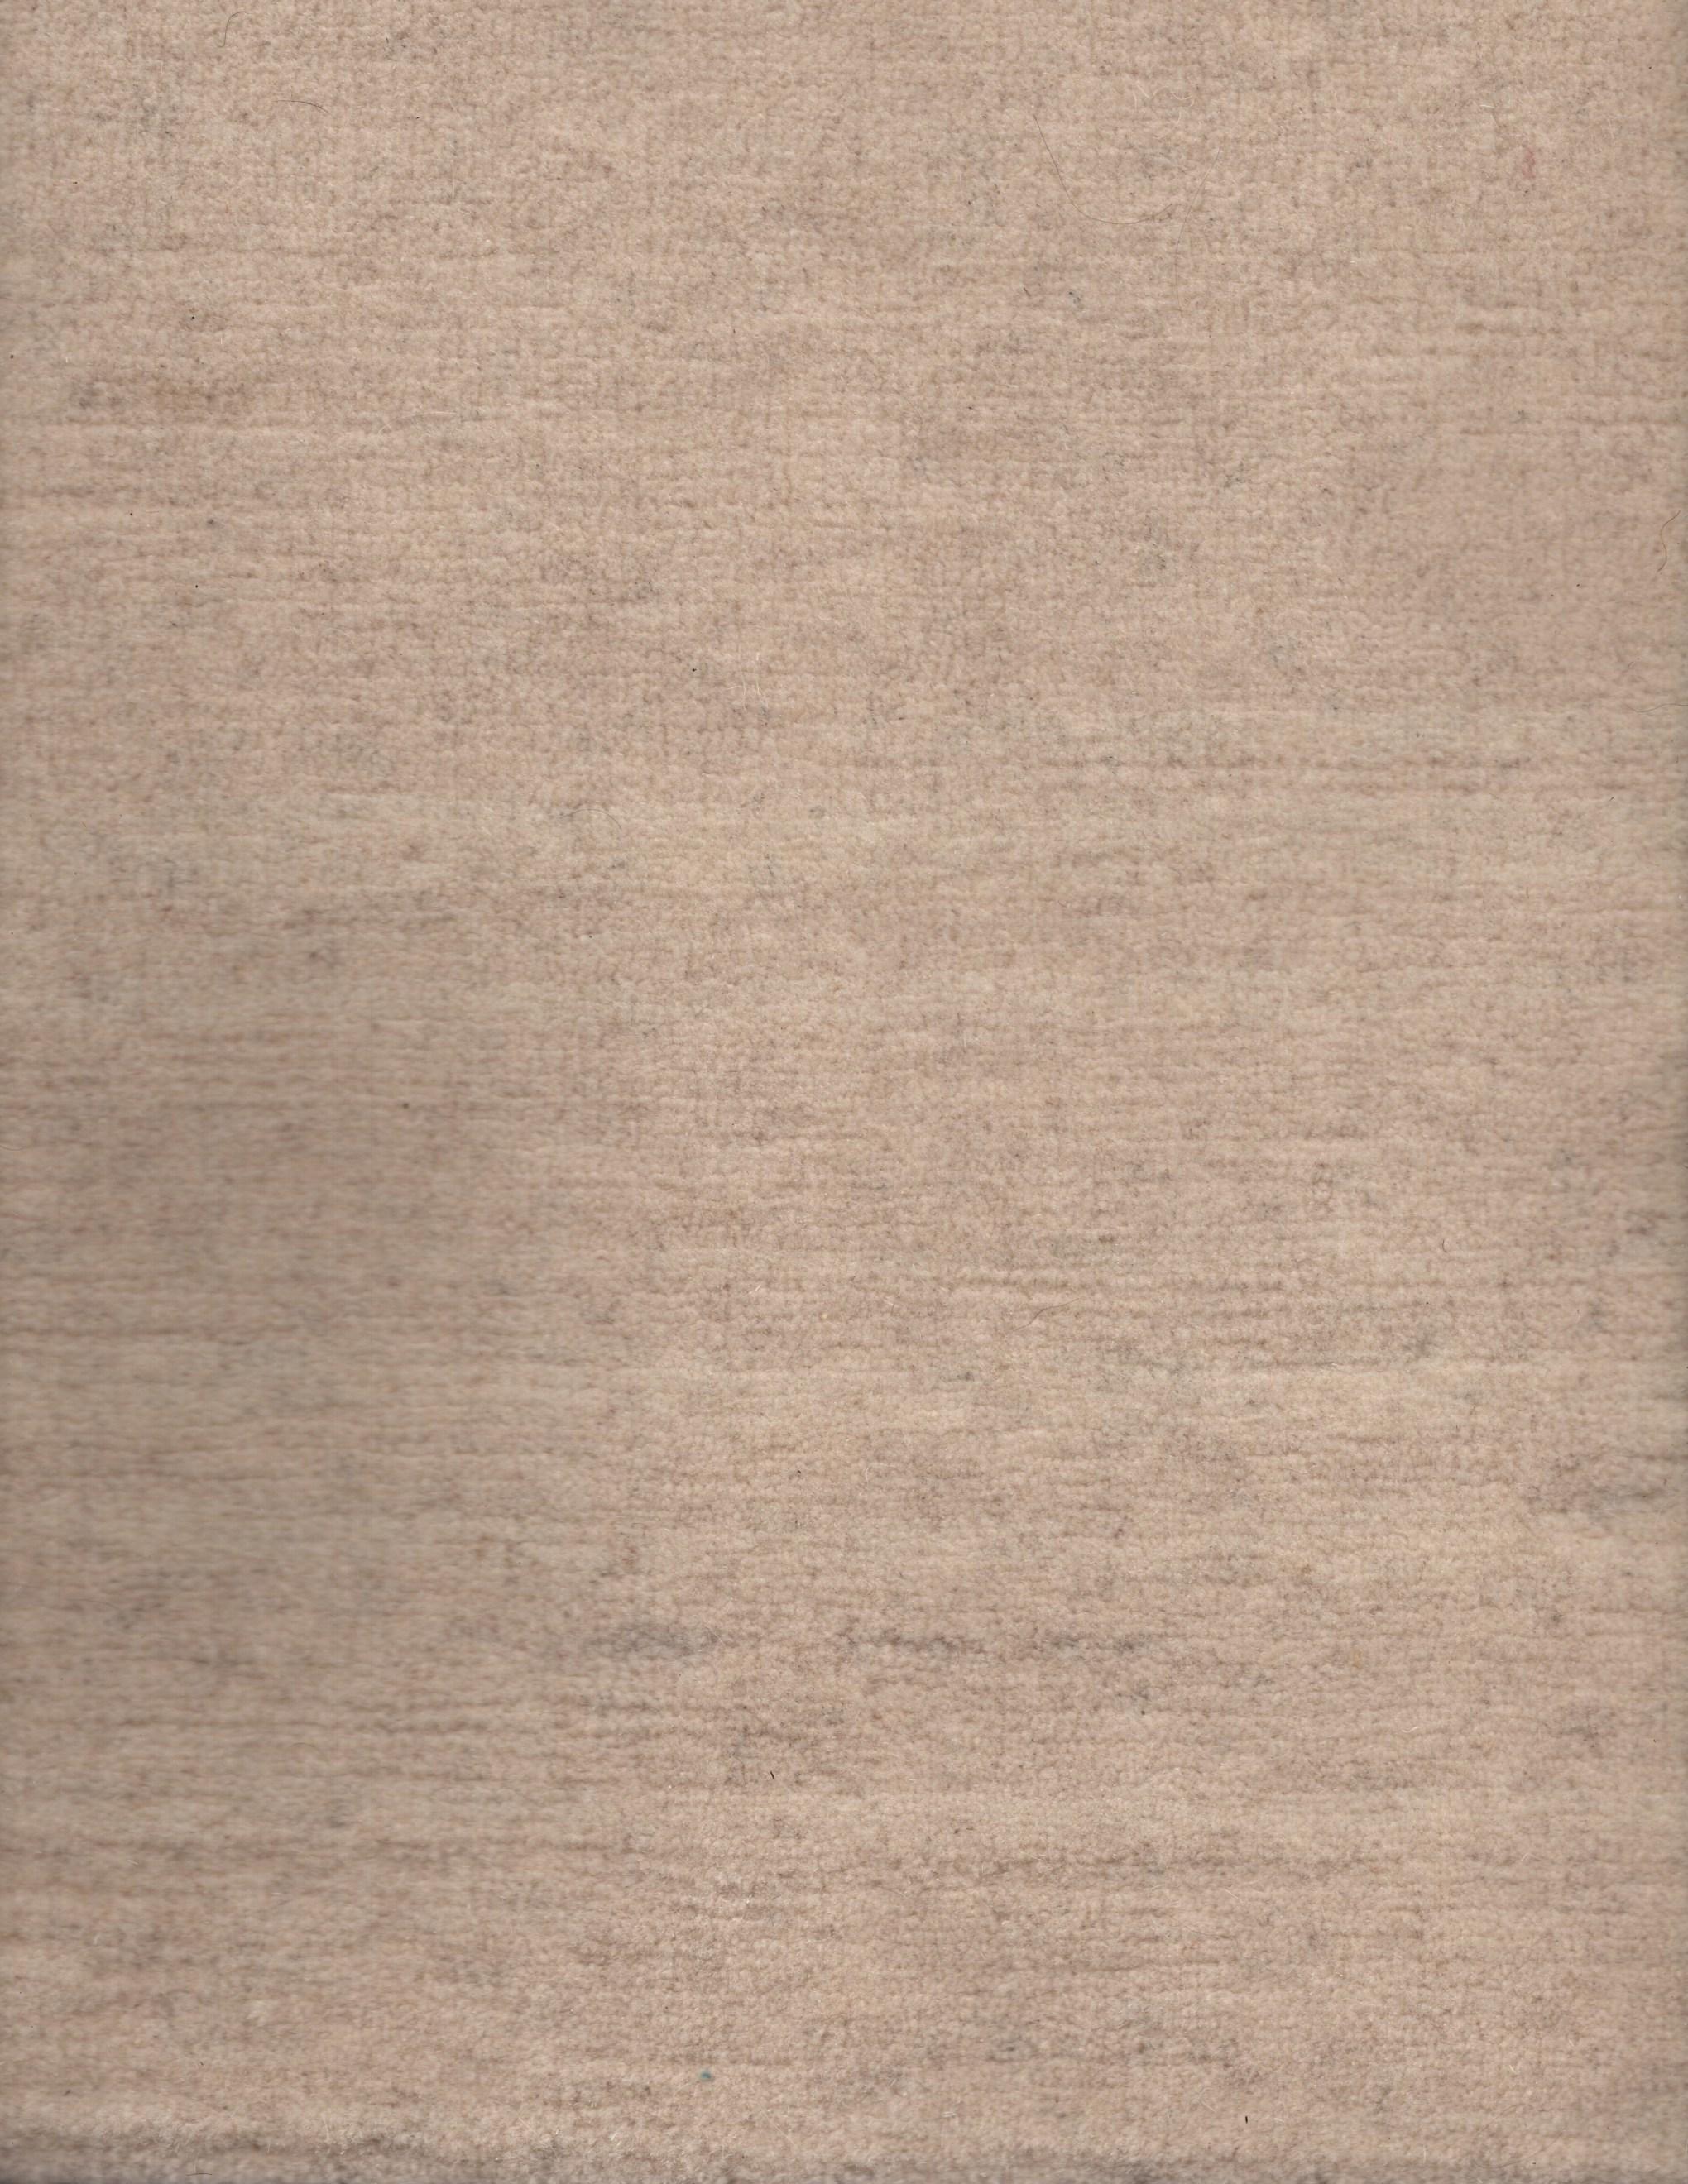 Wool - 101502